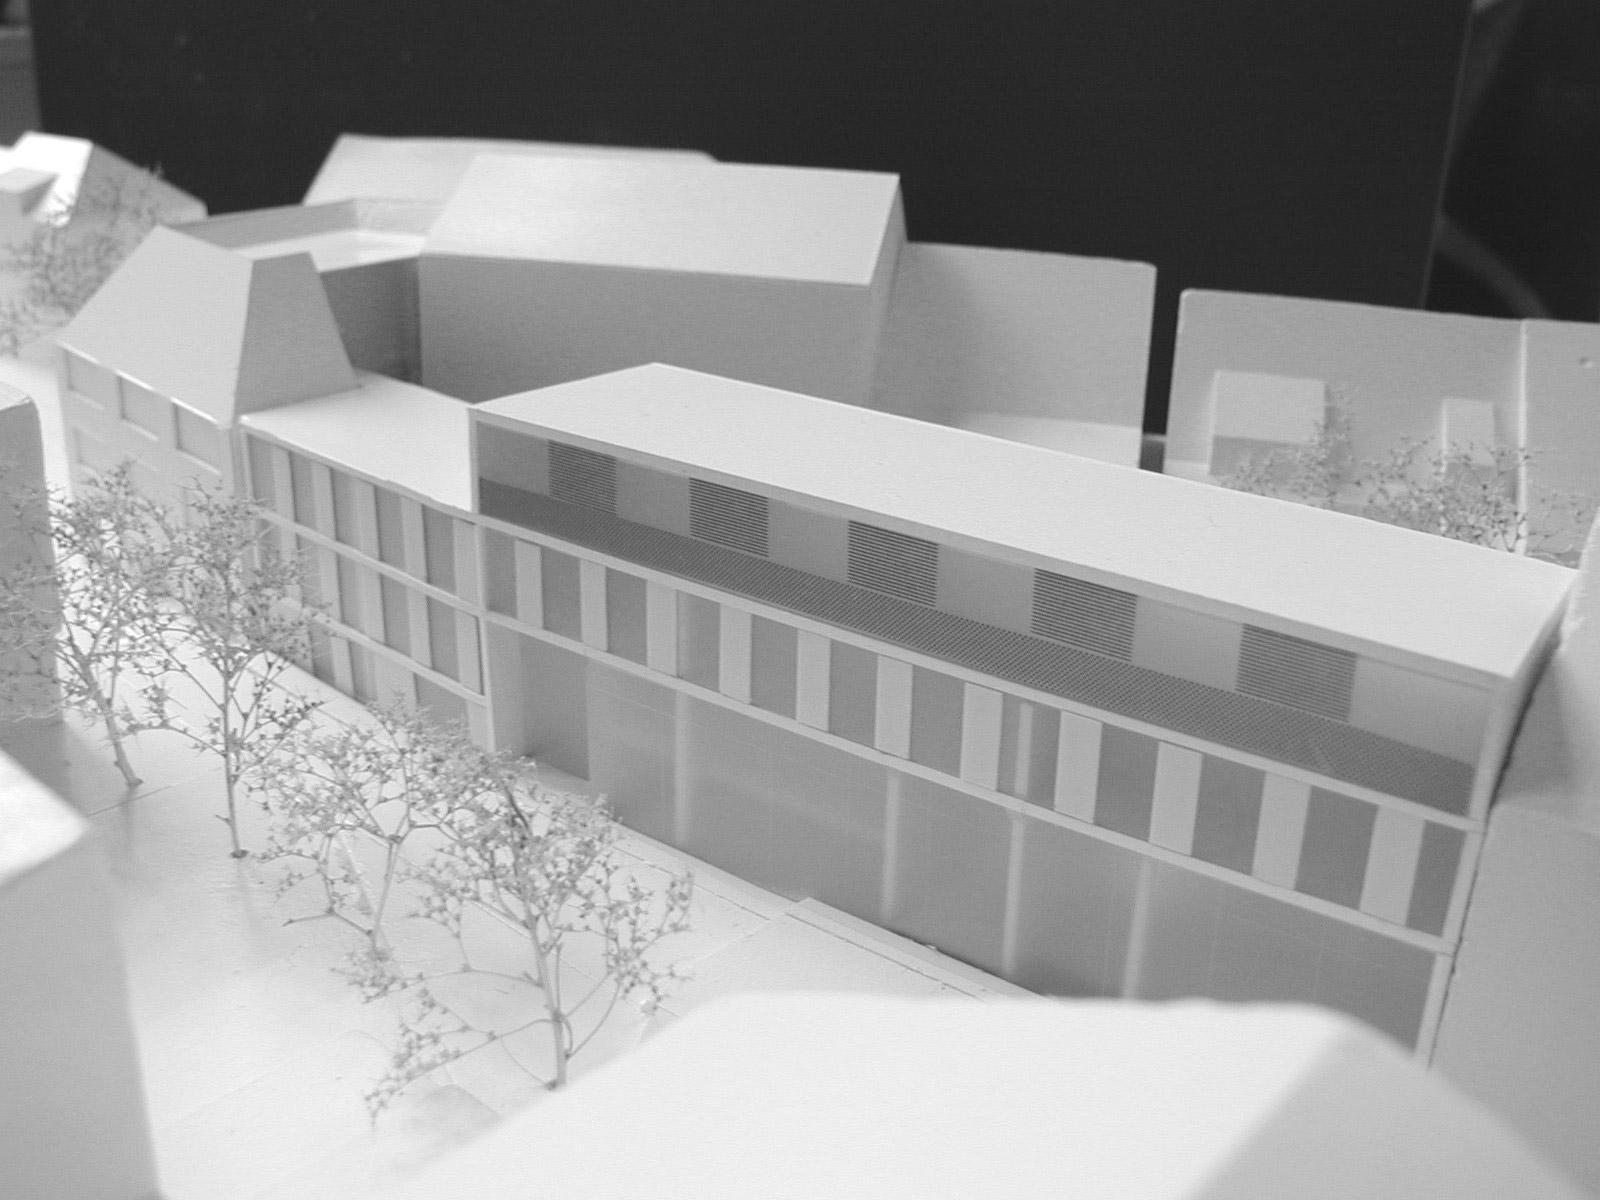 Renn architektur mit begeisterung - Skelettbau architektur ...